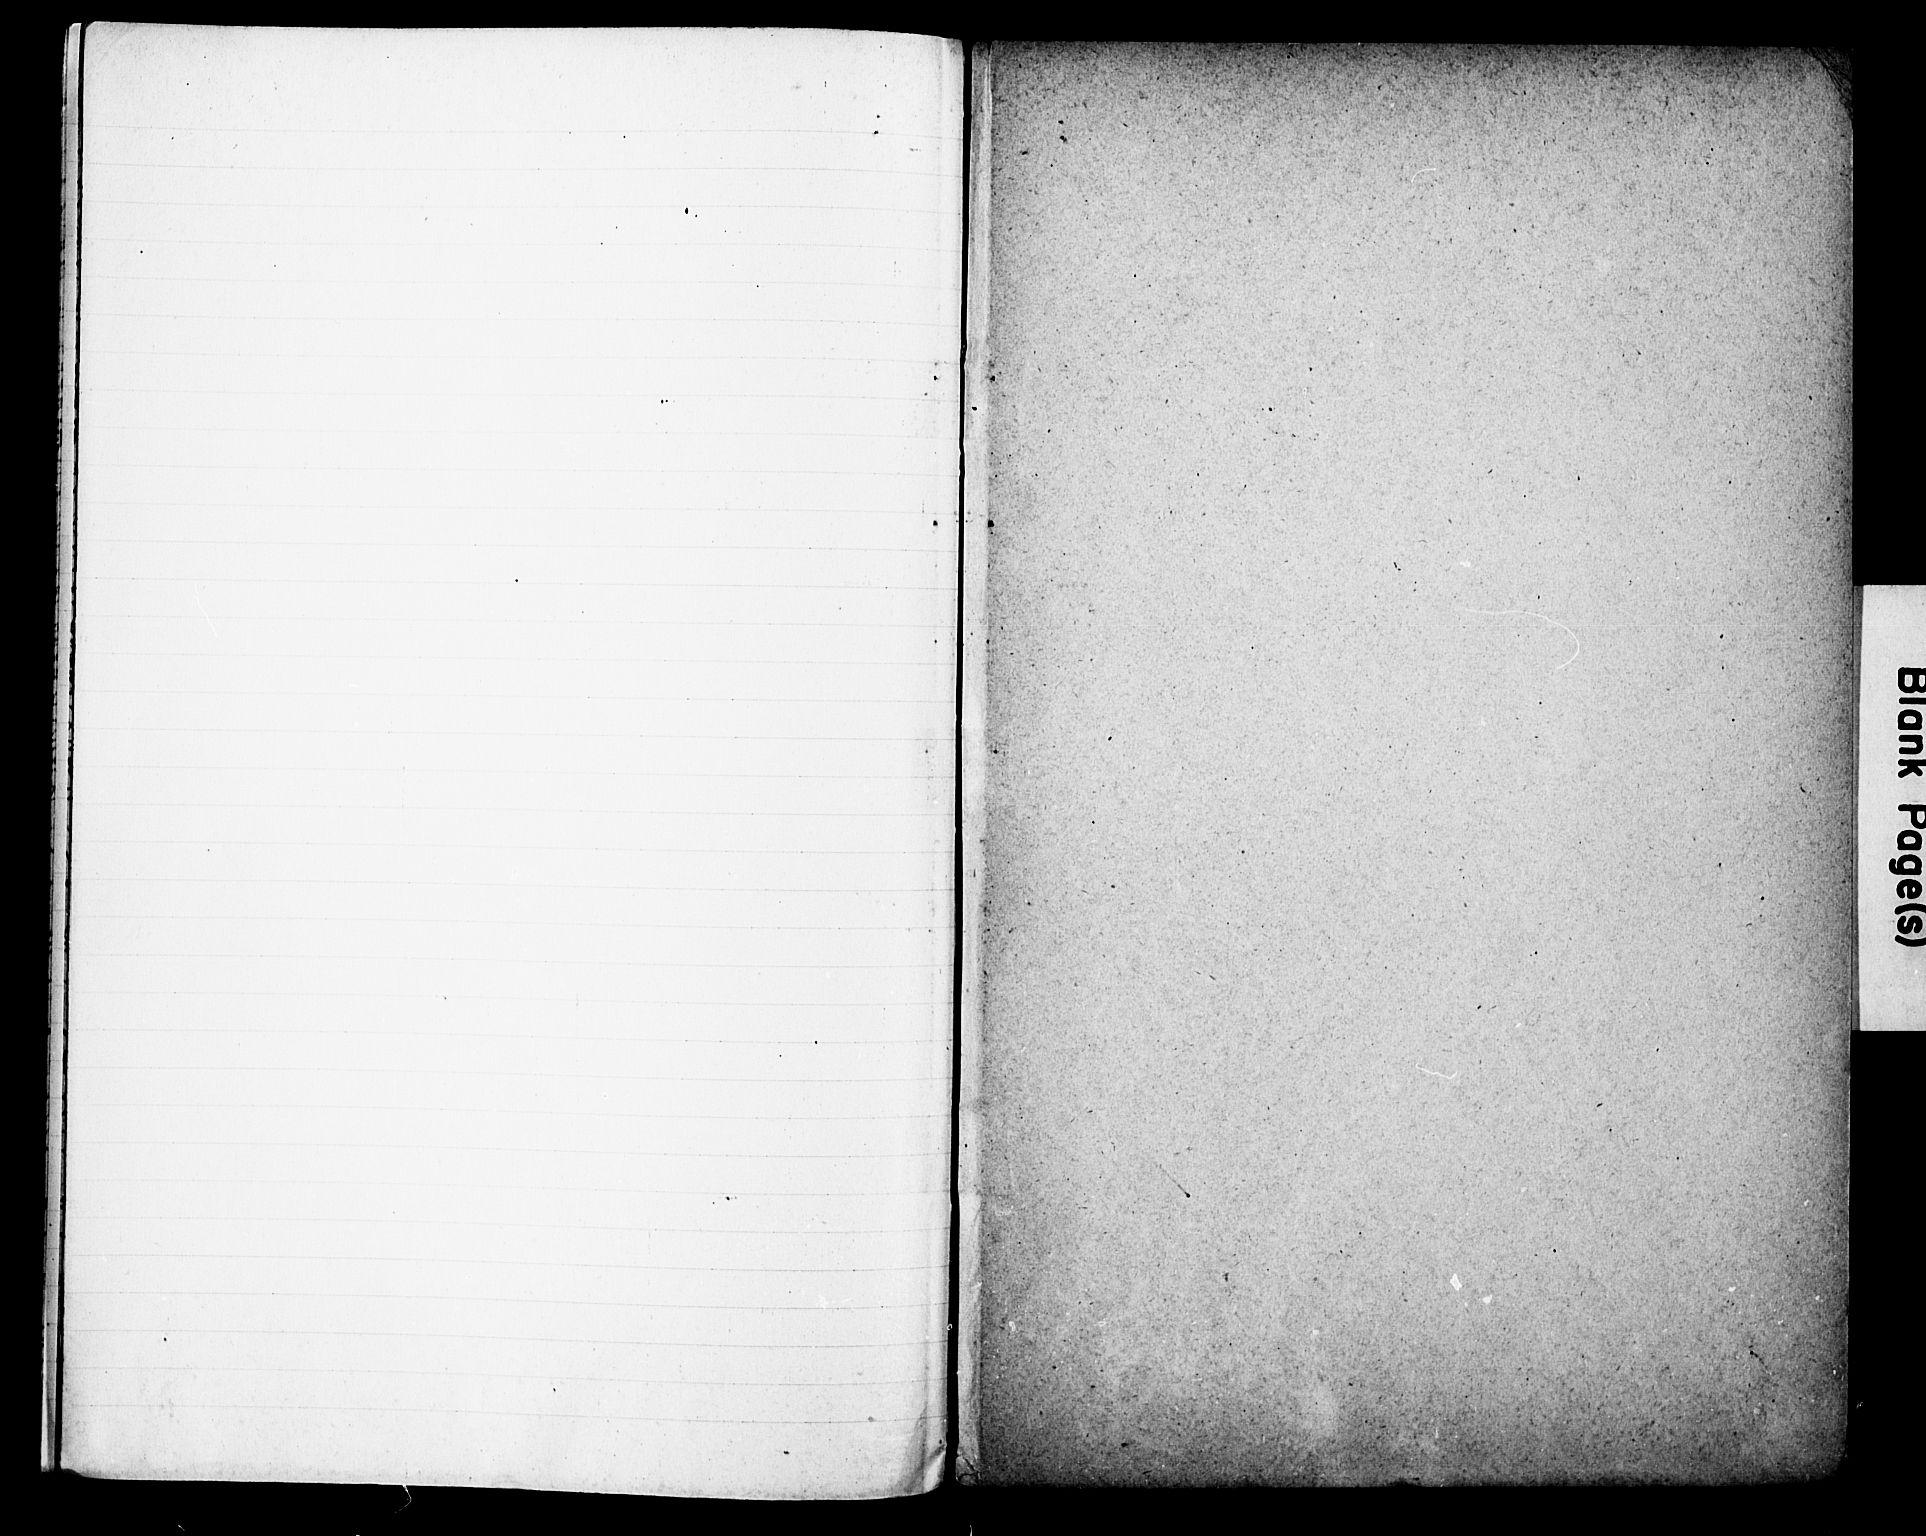 SAT, Ministerialprotokoller, klokkerbøker og fødselsregistre - Sør-Trøndelag, 601/L0060: Ministerialbok nr. 601A28, 1904-1925